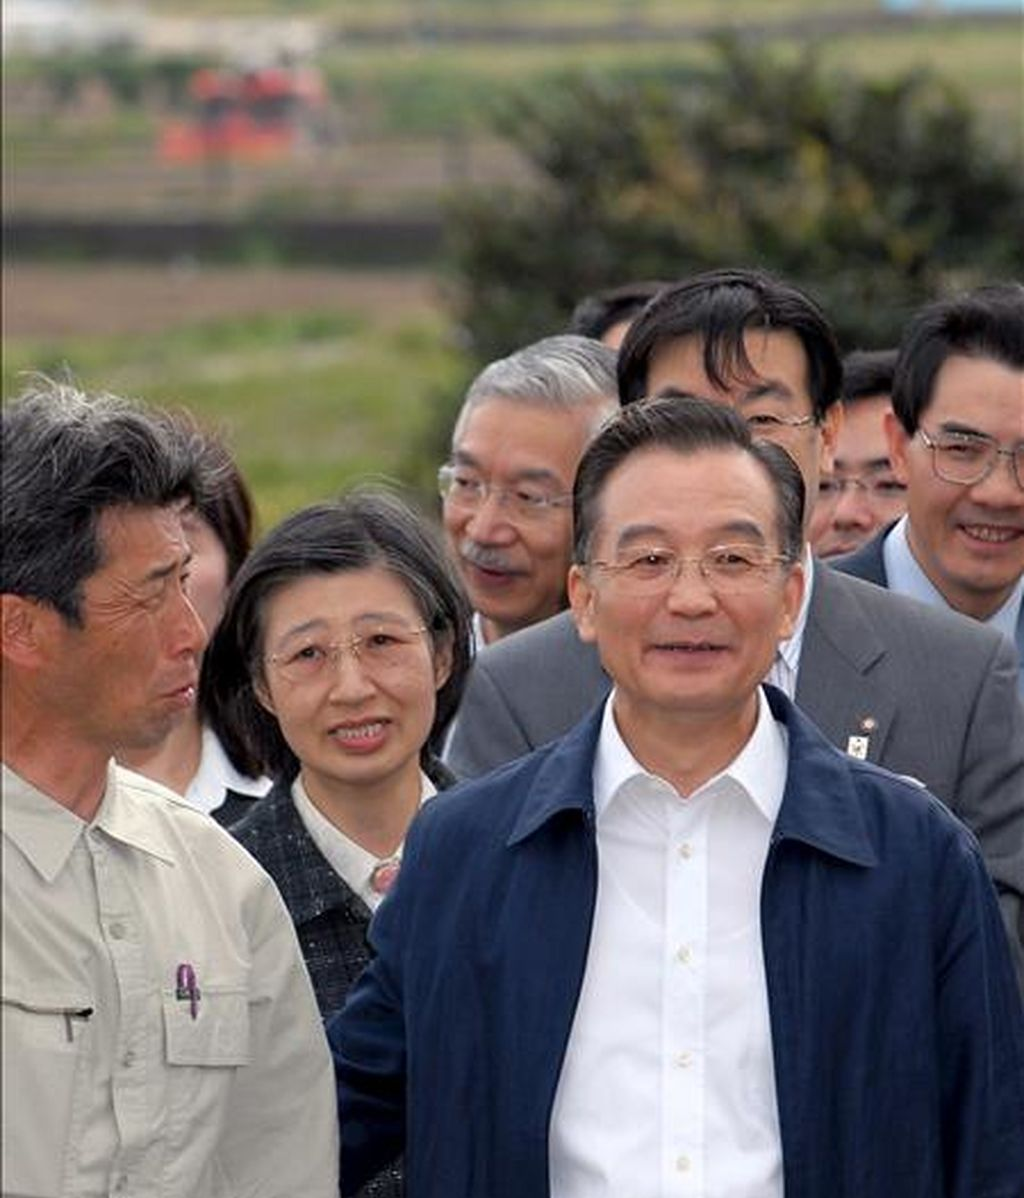 El primer ministro chino, Wen Jiabao (c), durante una visita a una granja en Kyoto (Japón). Jibao asistirá a la LXV Asamblea General de la ONU. EFE/Archivo